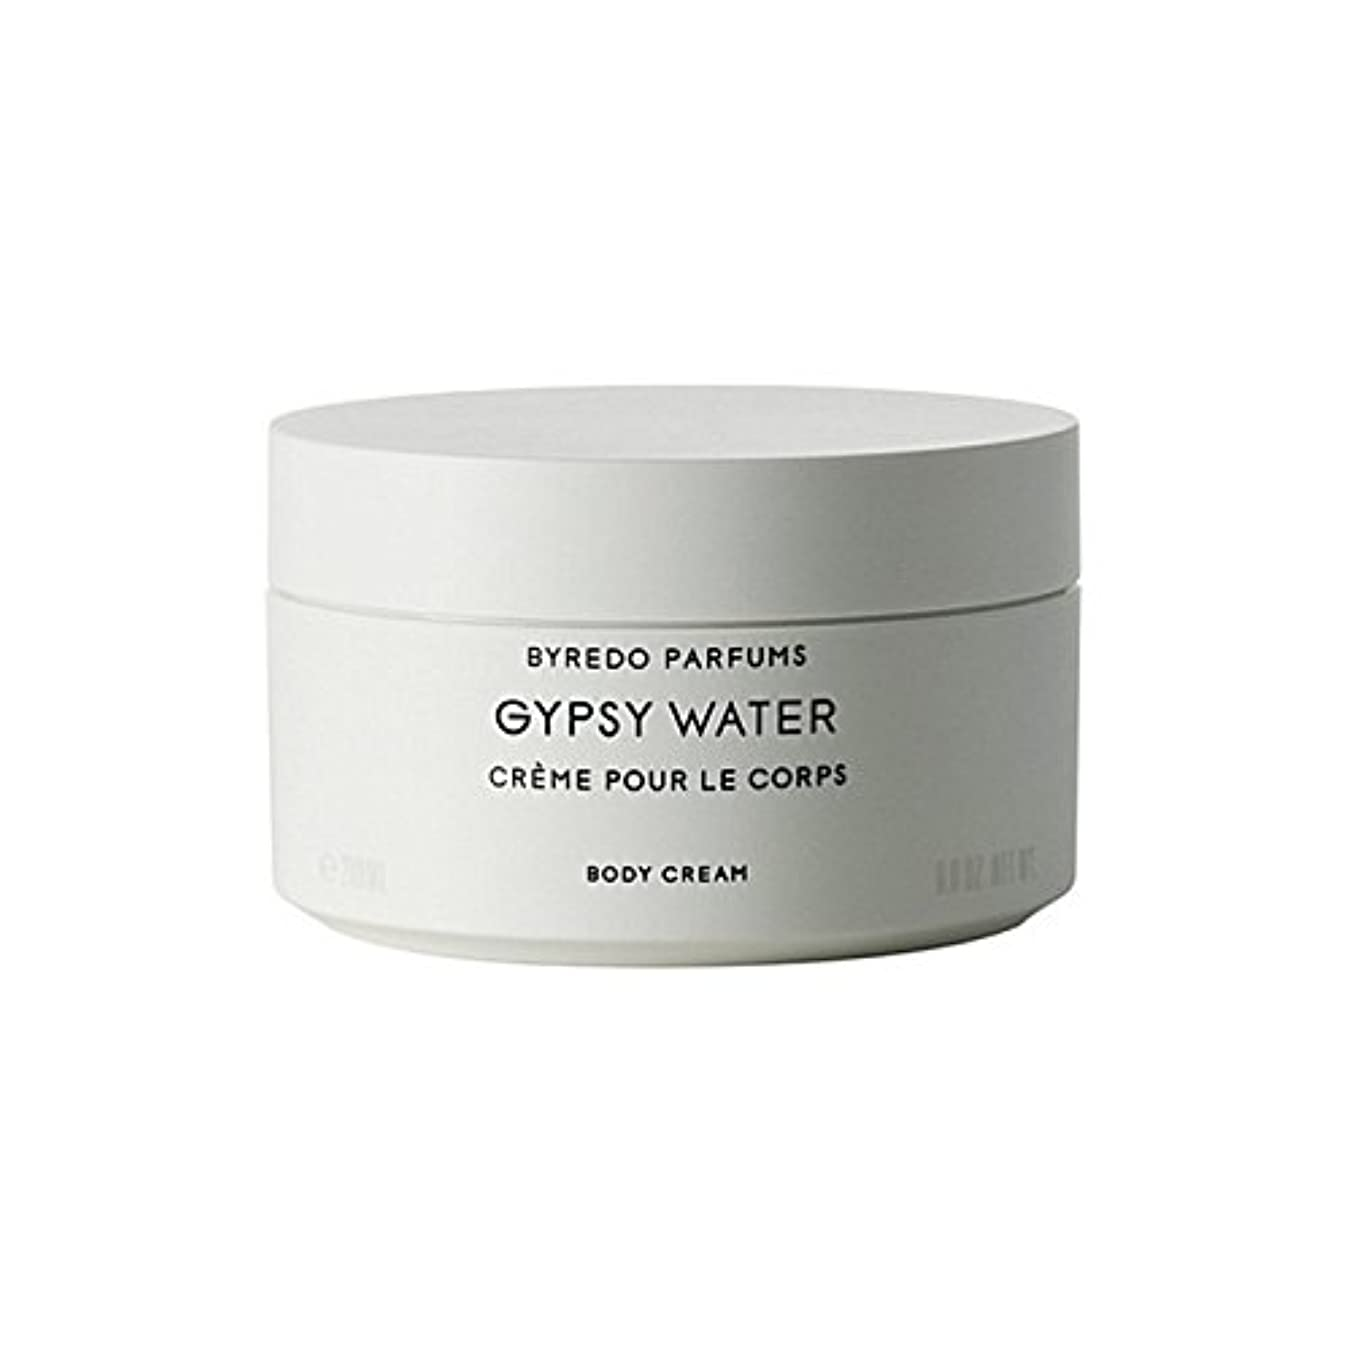 敗北空港手当Byredo Gypsy Water Body Cream 200ml (Pack of 6) - ジプシー水ボディクリーム200ミリリットル x6 [並行輸入品]